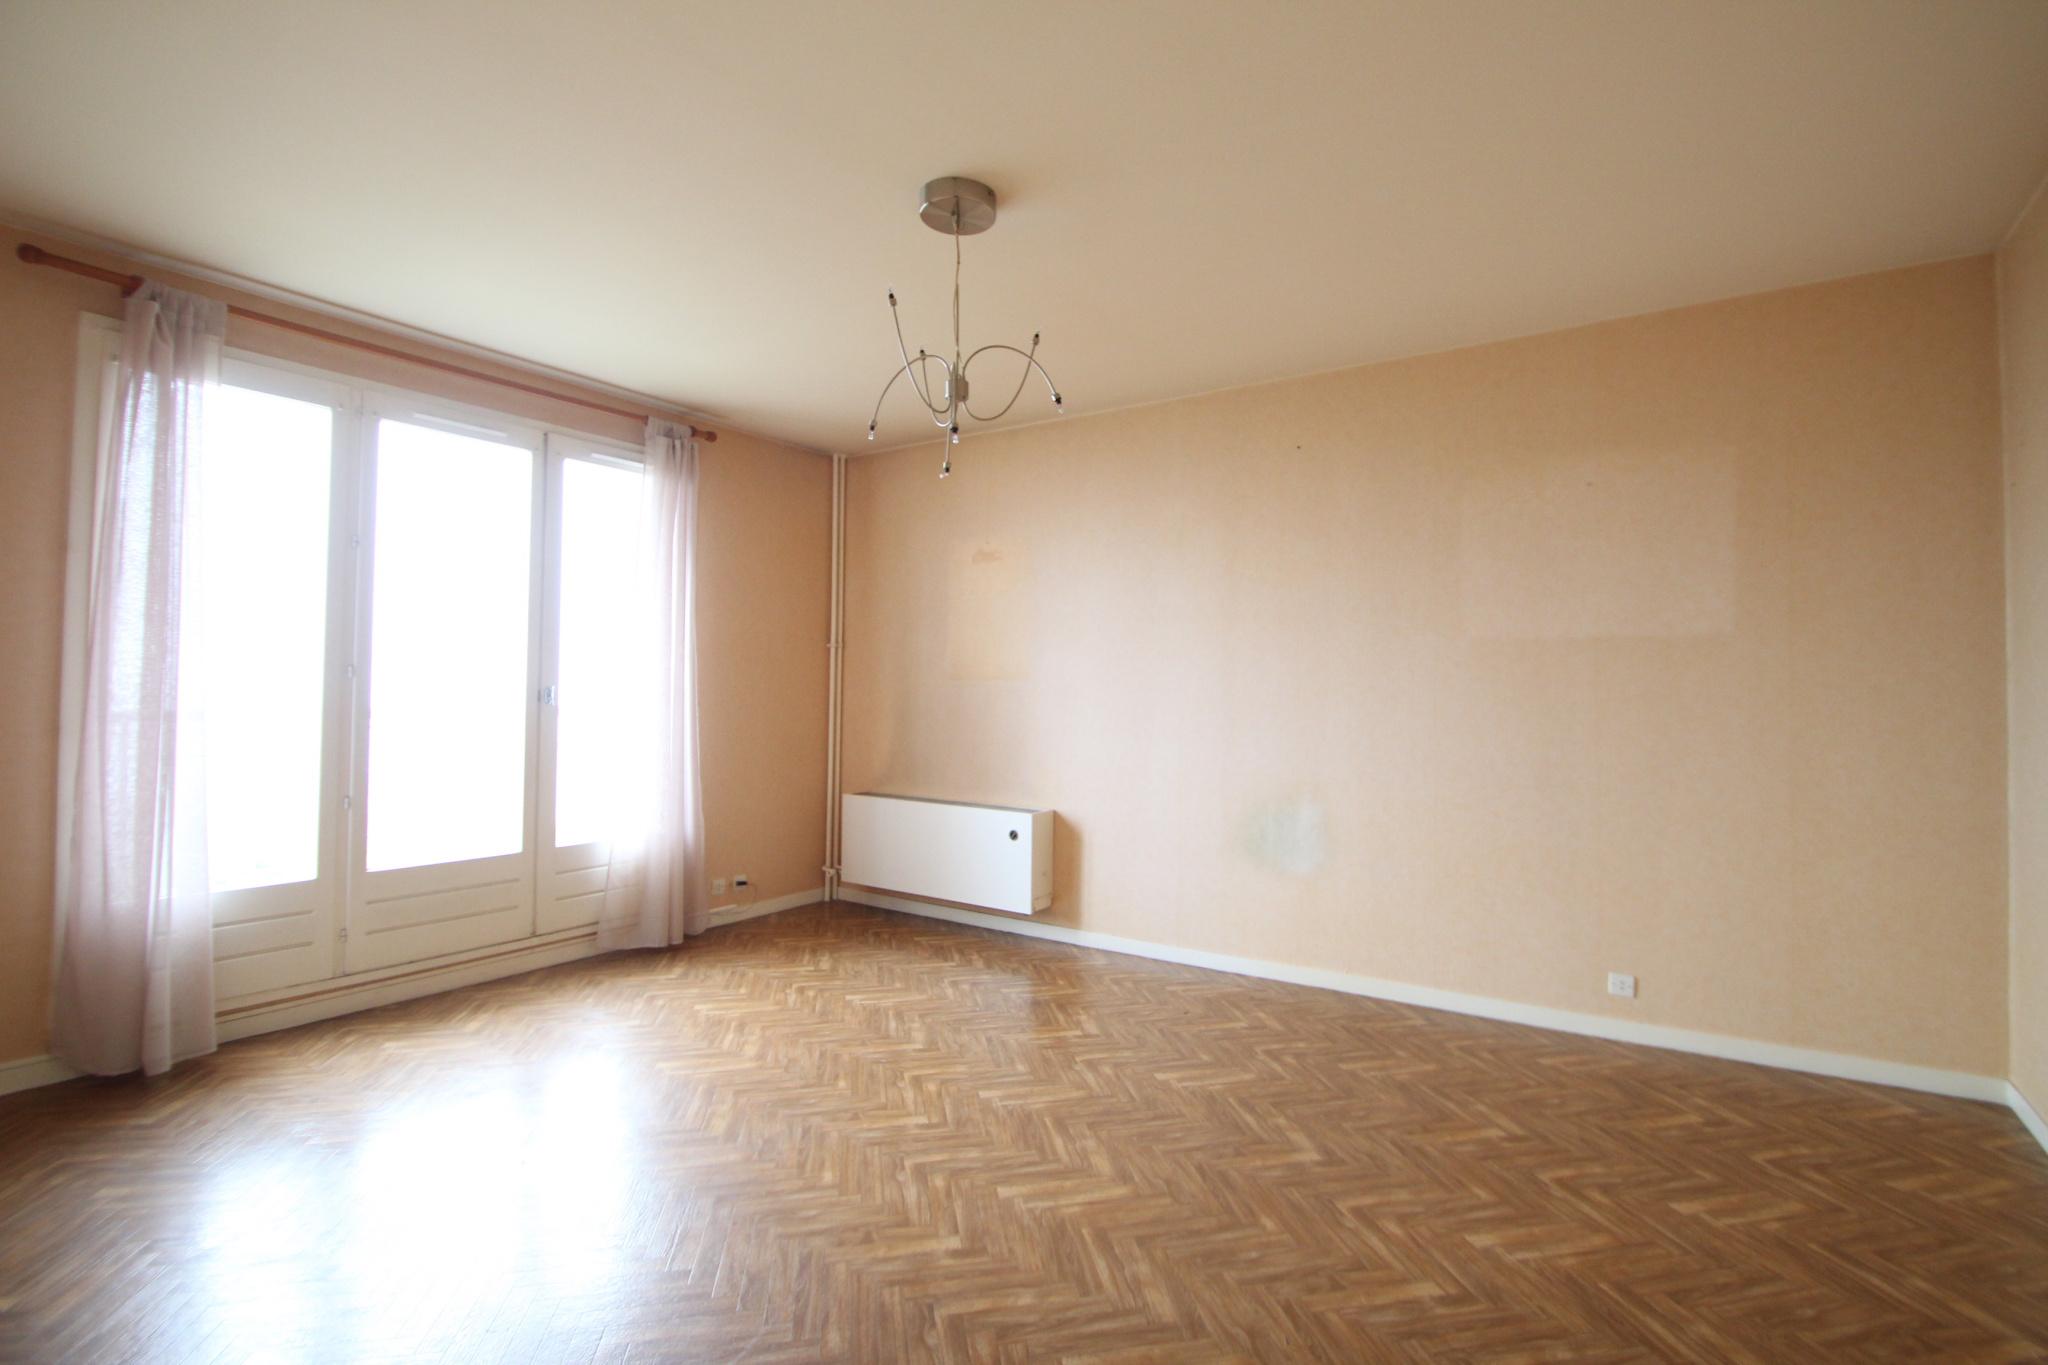 Vente appartement talant 300M